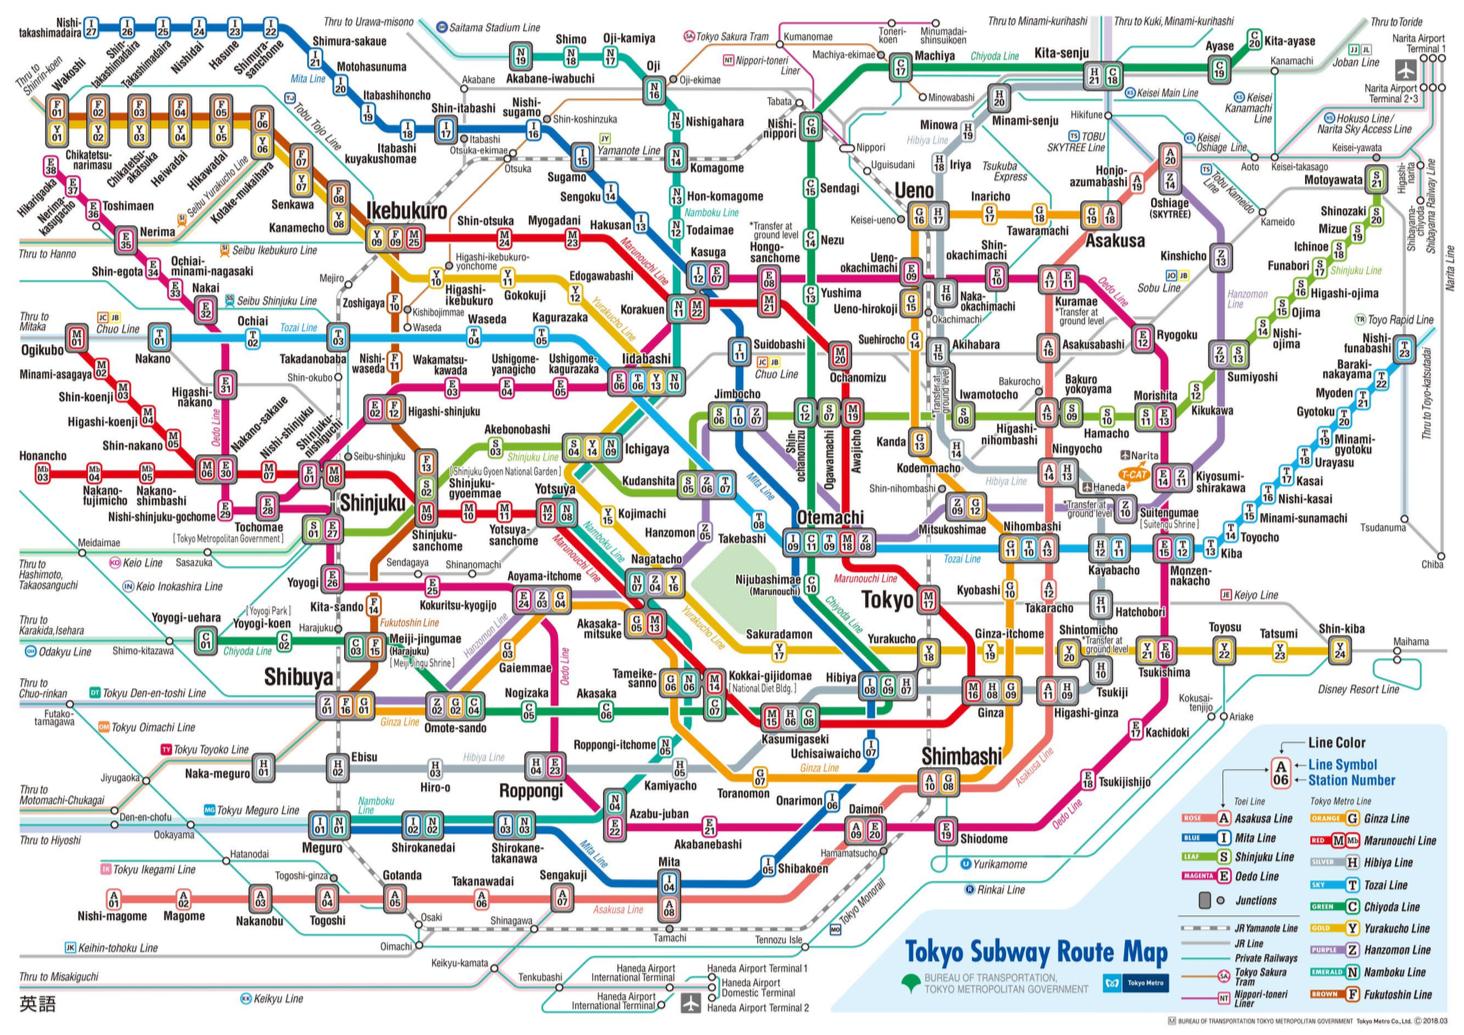 481012 المسافرون العرب الانترنت فى اليابان